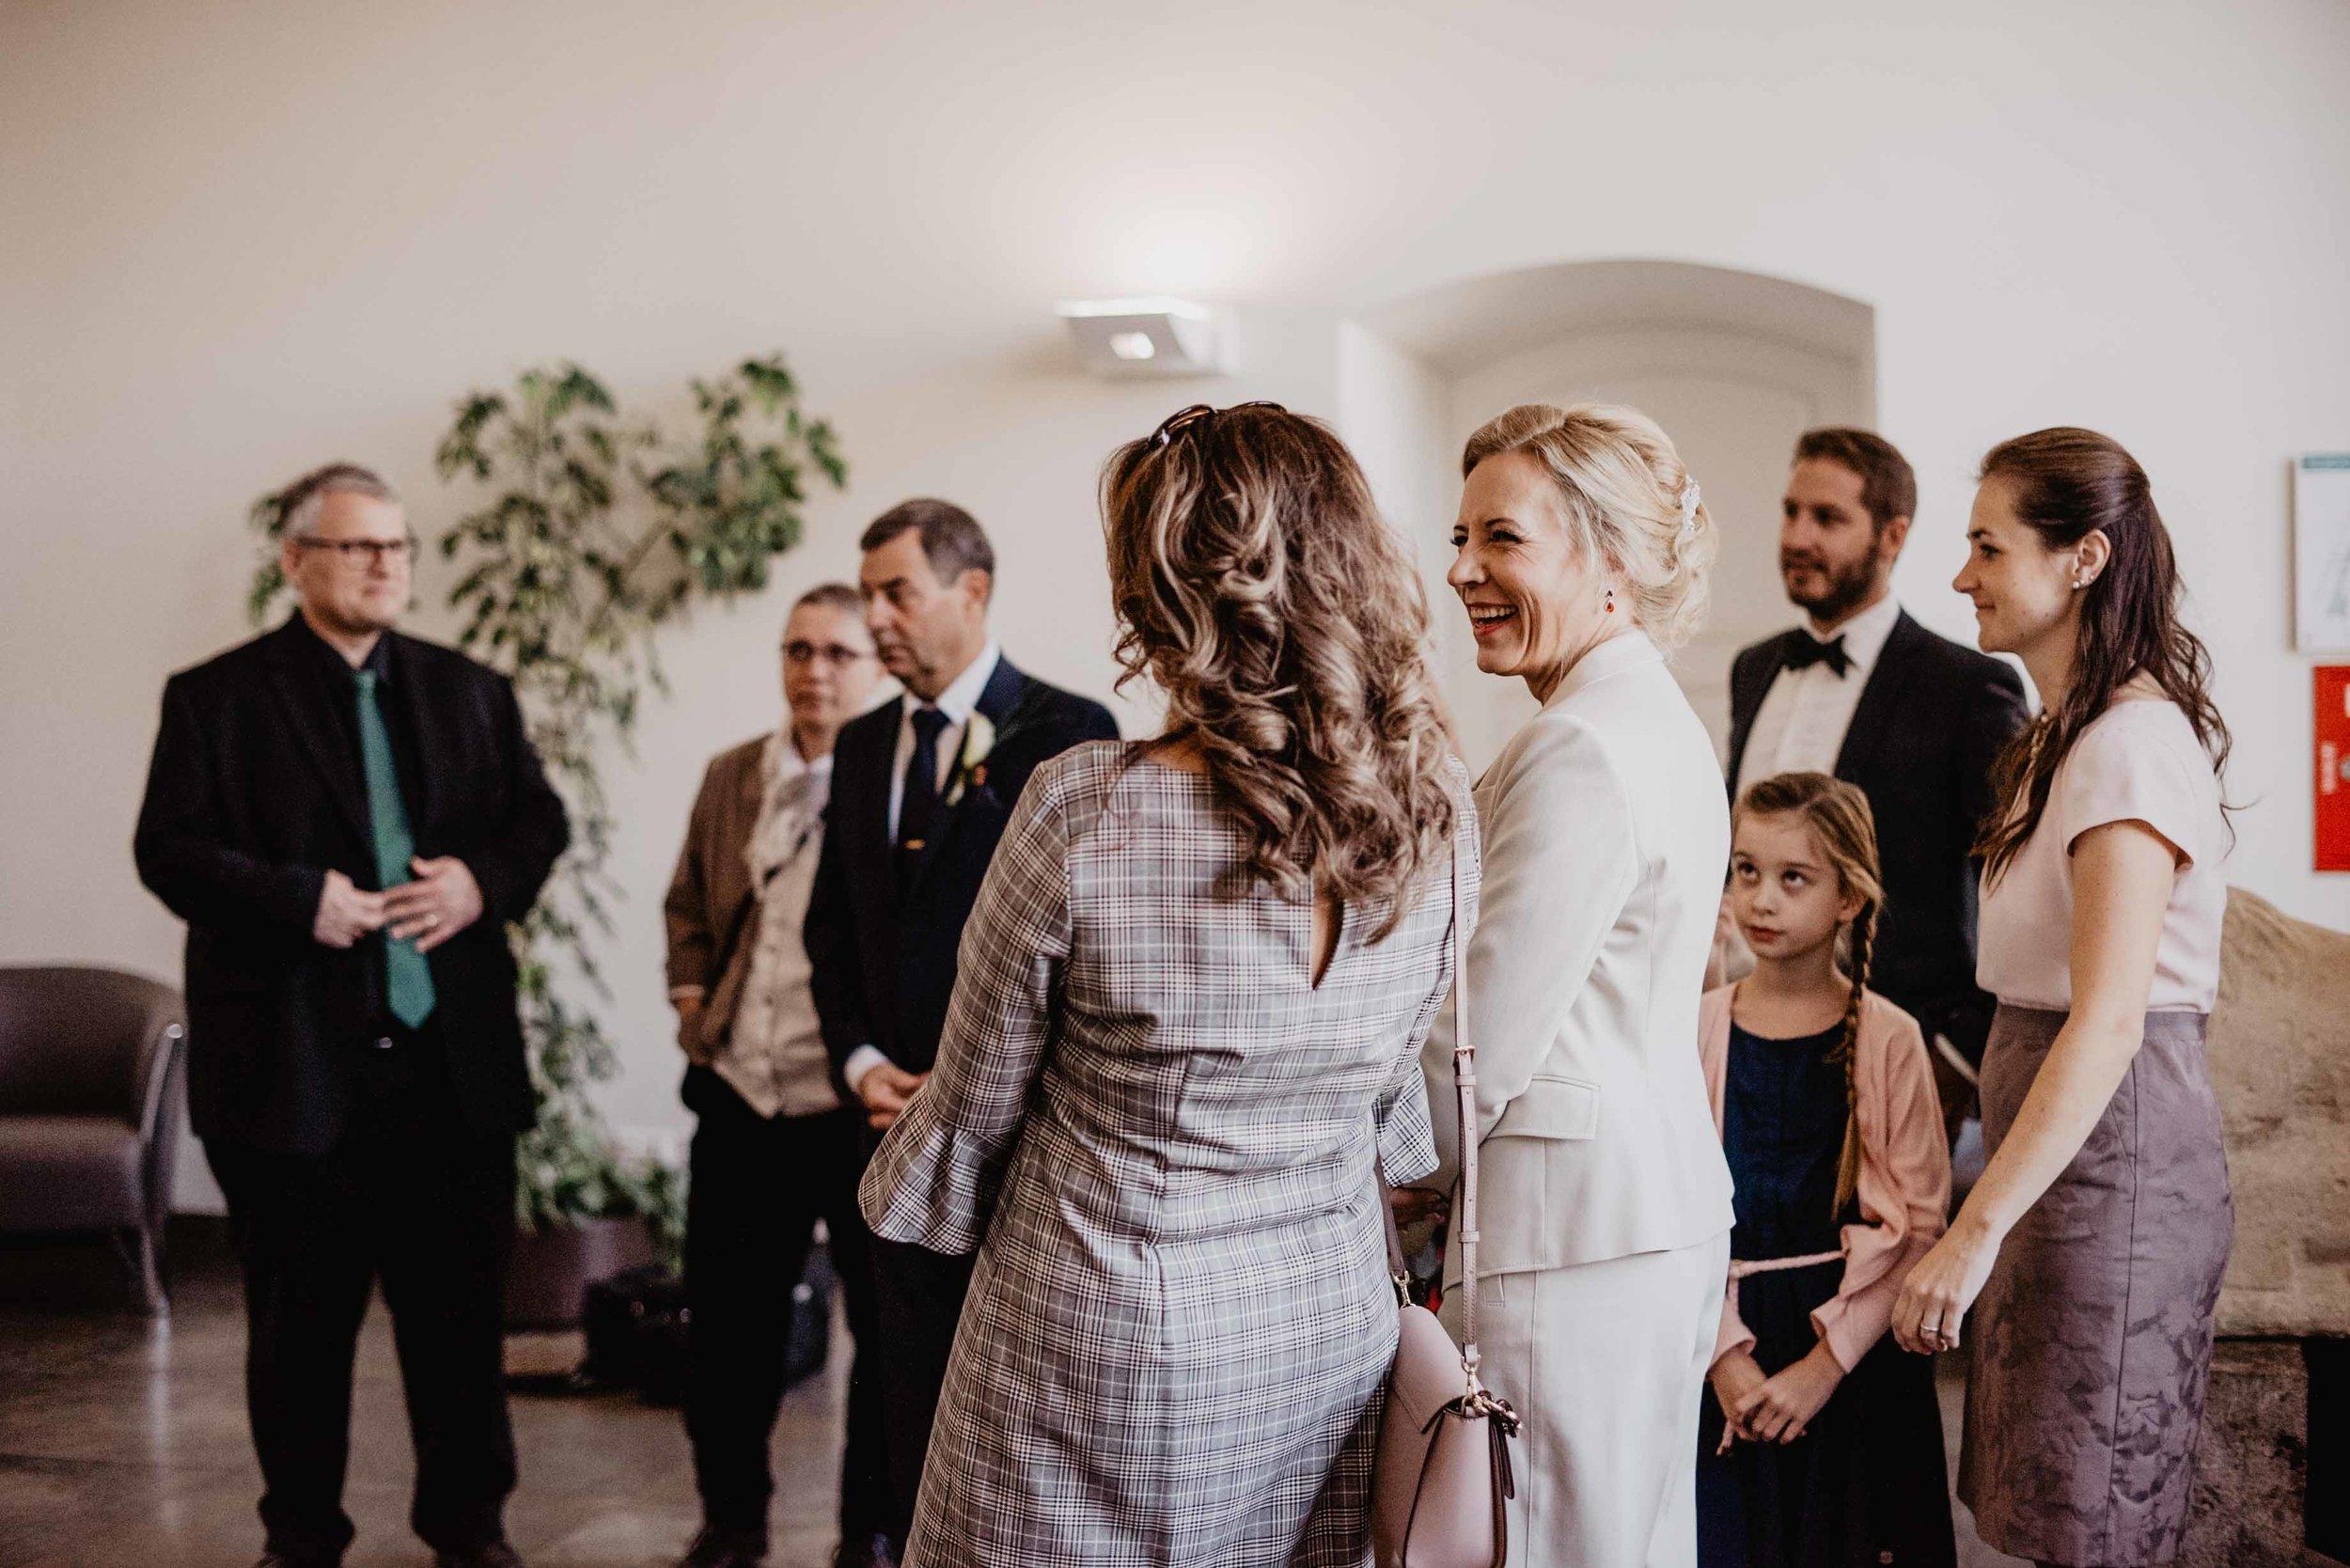 Hochzeit Standesamt Bonn by Lucy Wedding Photography-8.jpg